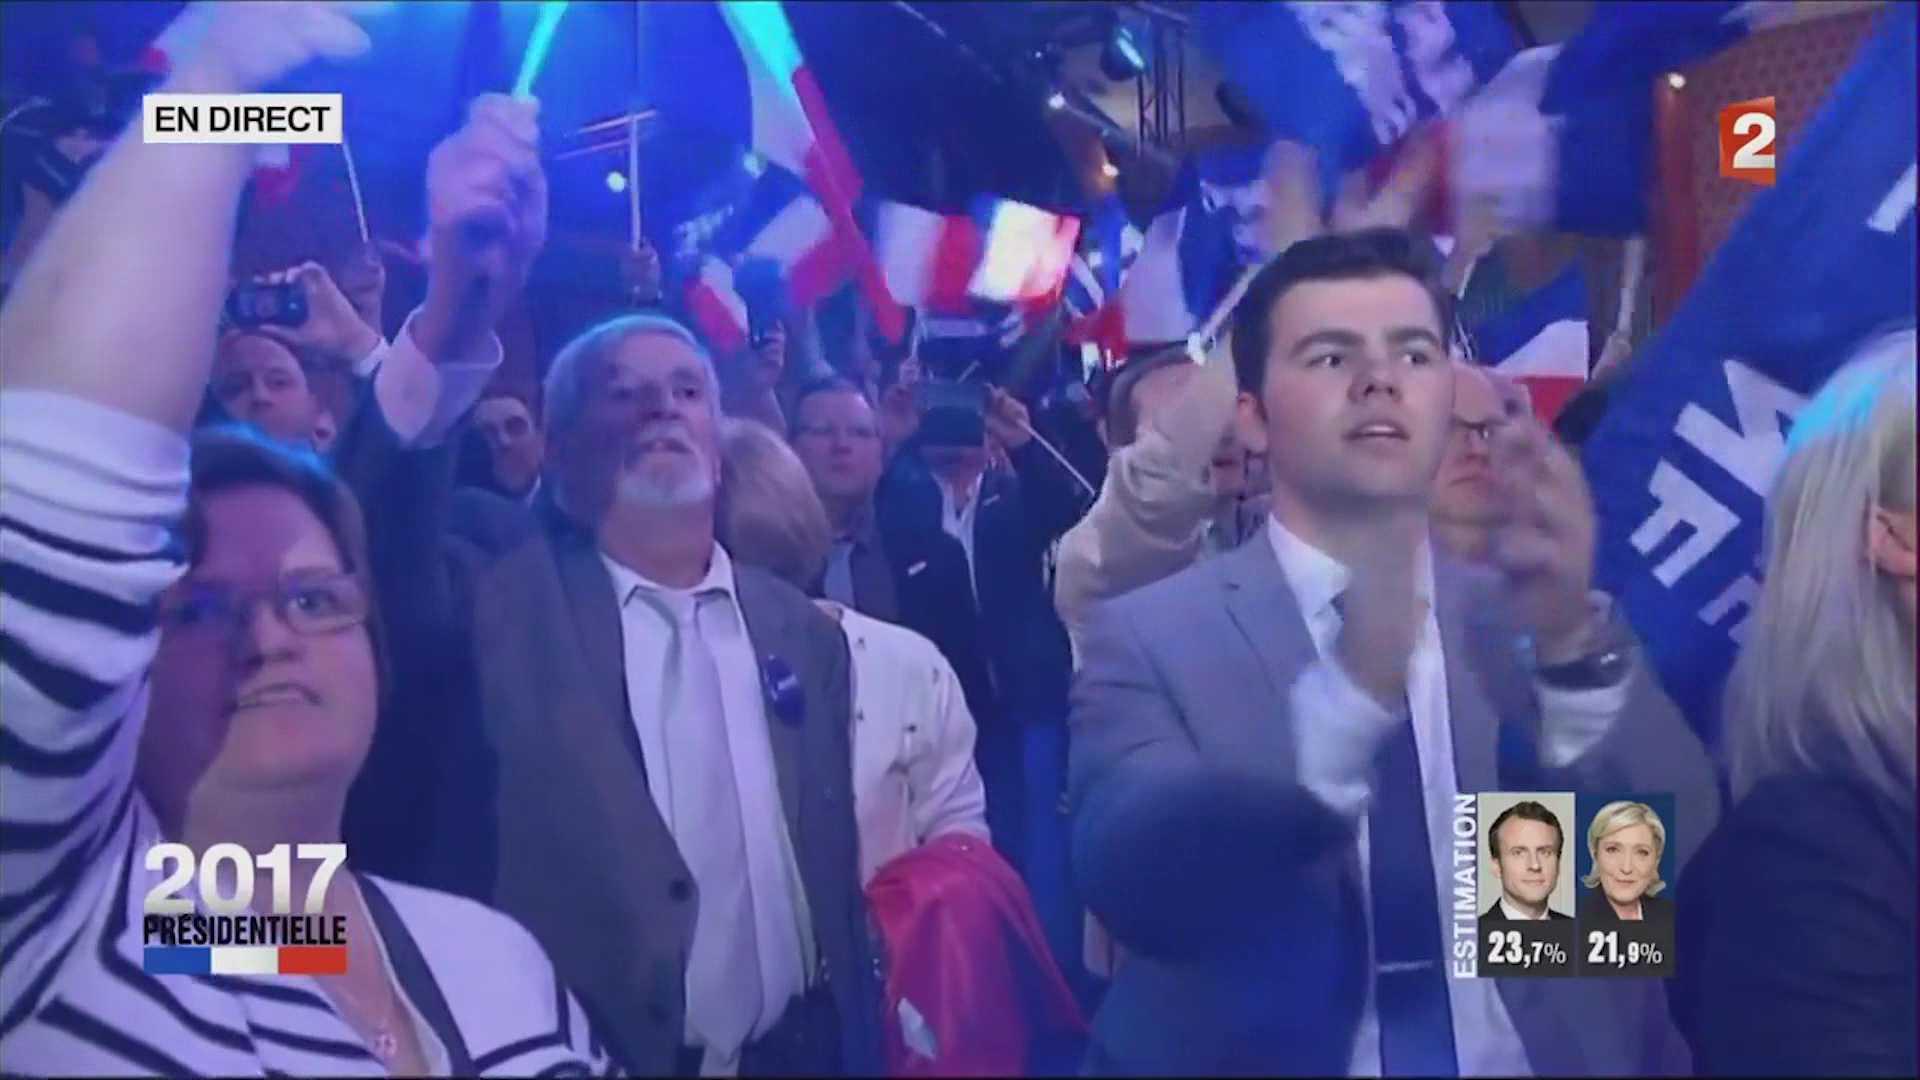 საფრანგეთის არჩევნების პირველი ტურის შედეგები